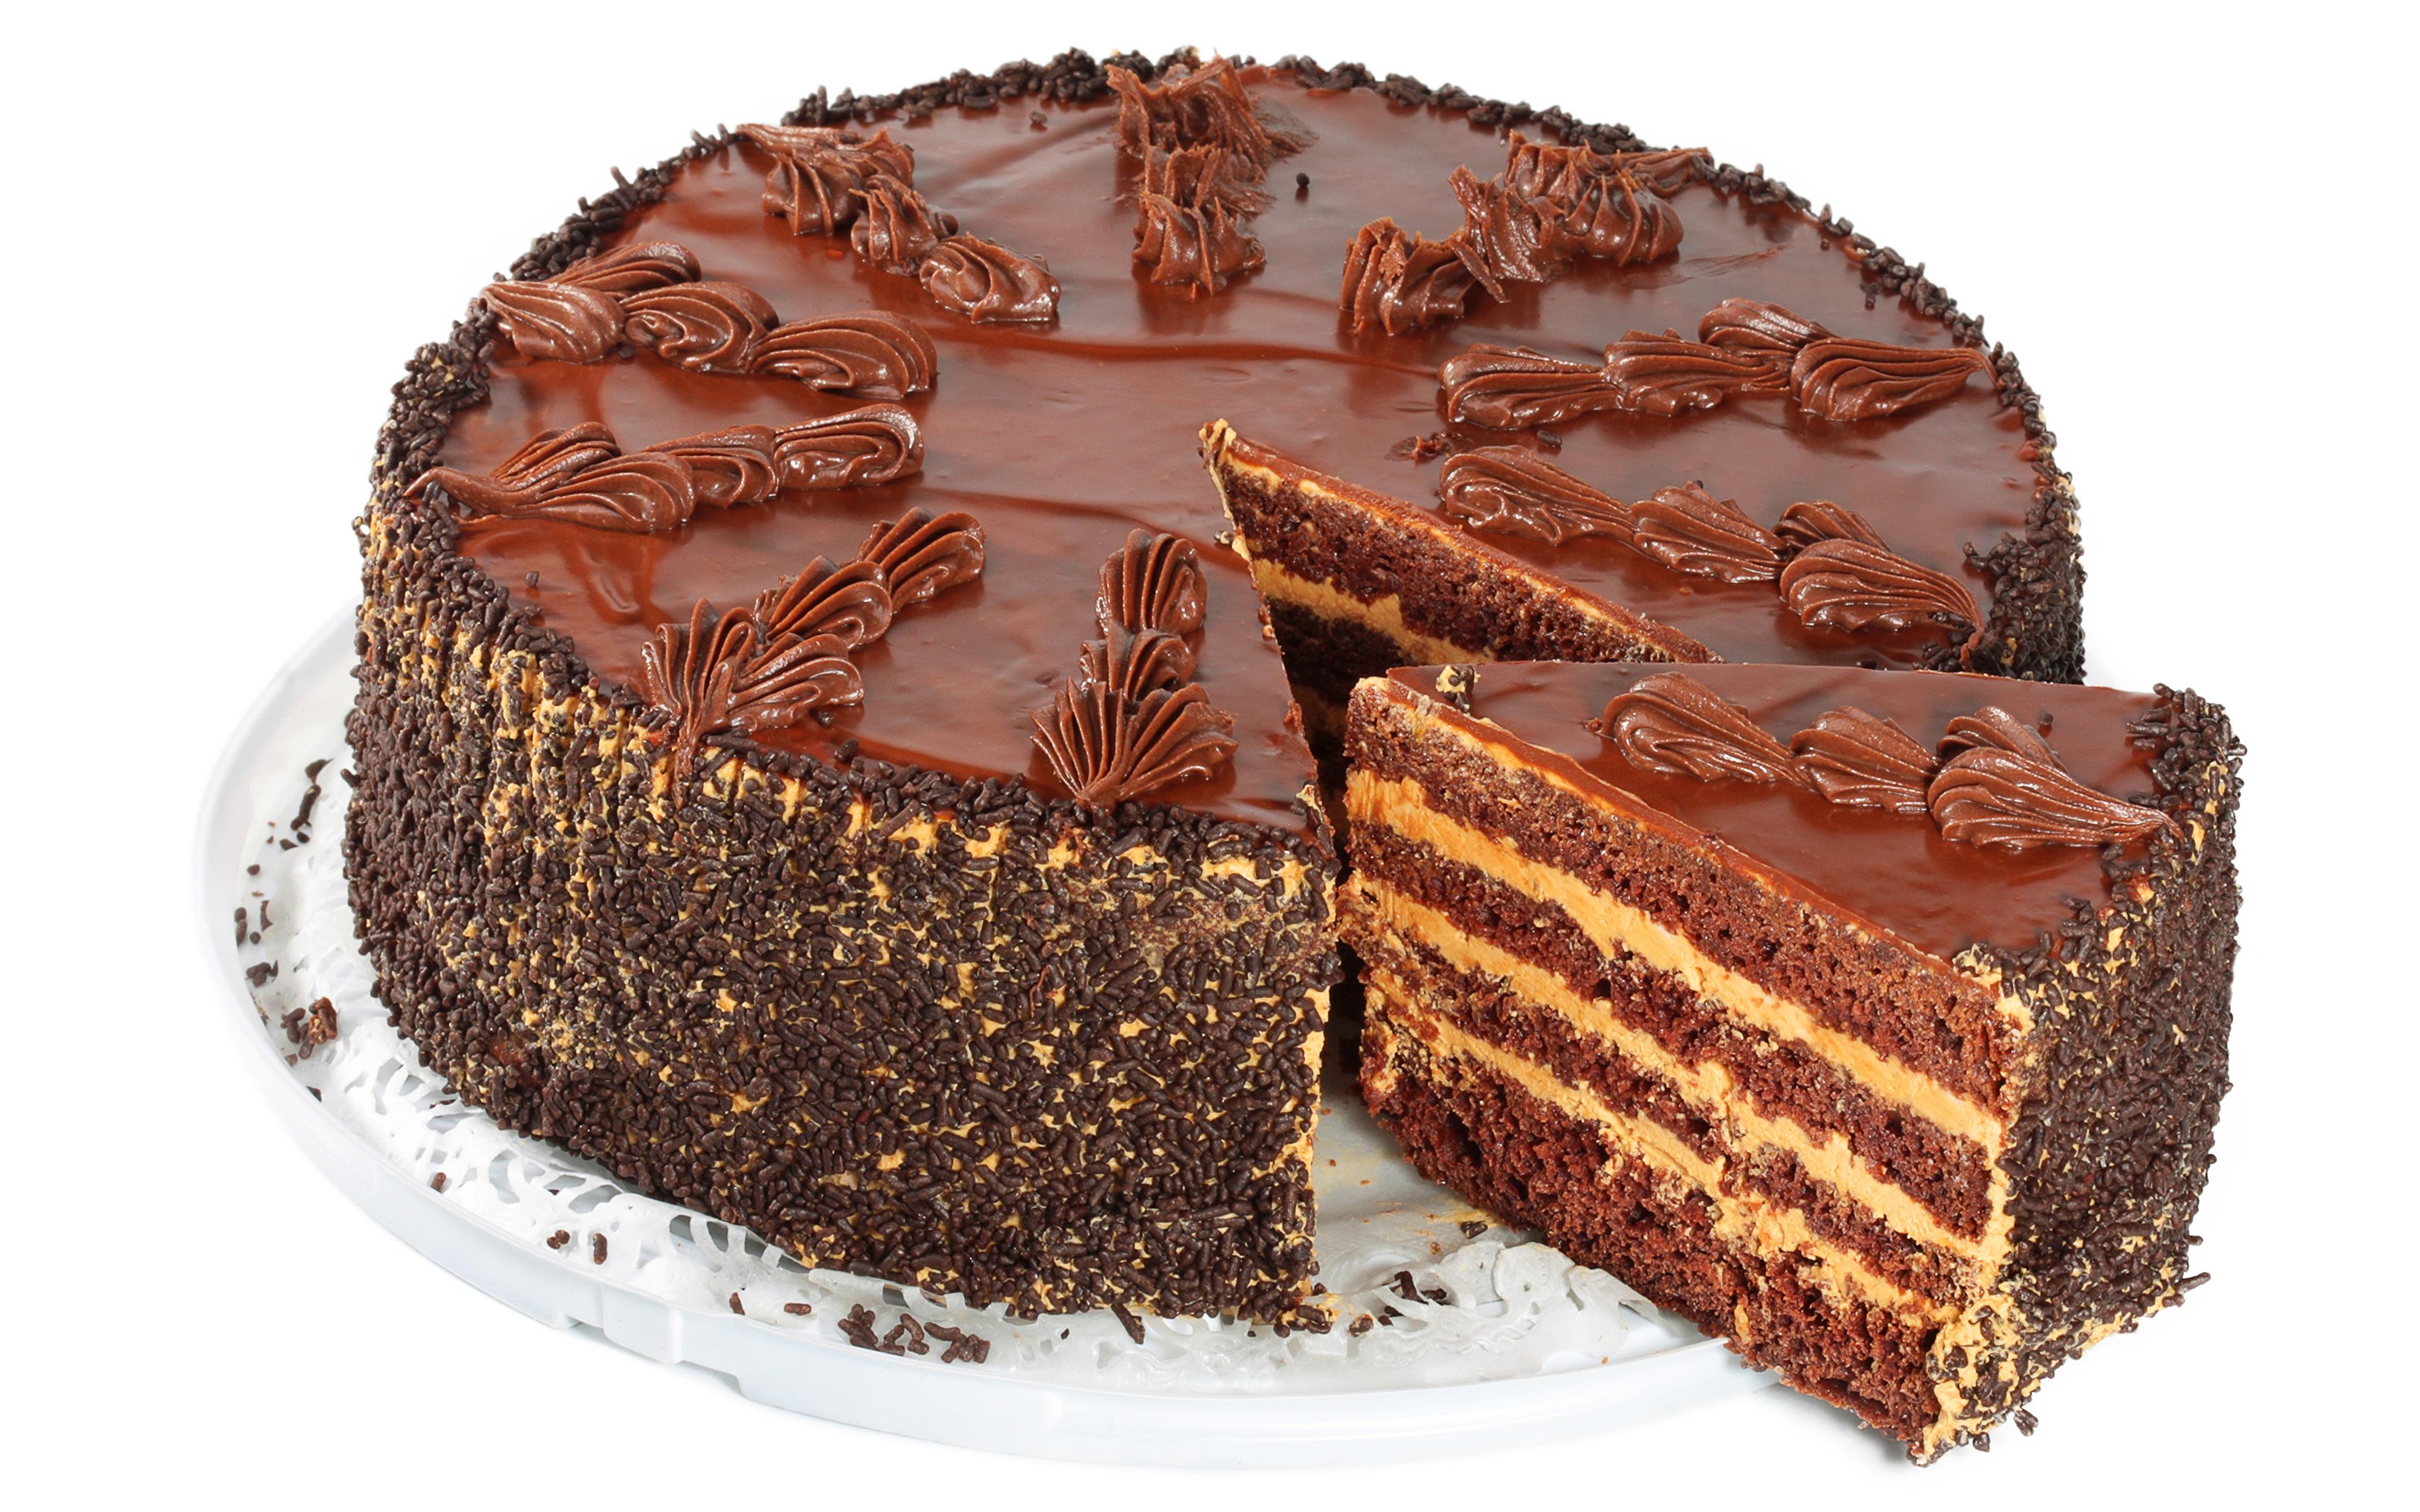 Картинки Шоколад Торты Пища белом фоне сладкая еда 3840x2400 Еда Продукты питания Сладости Белый фон белым фоном